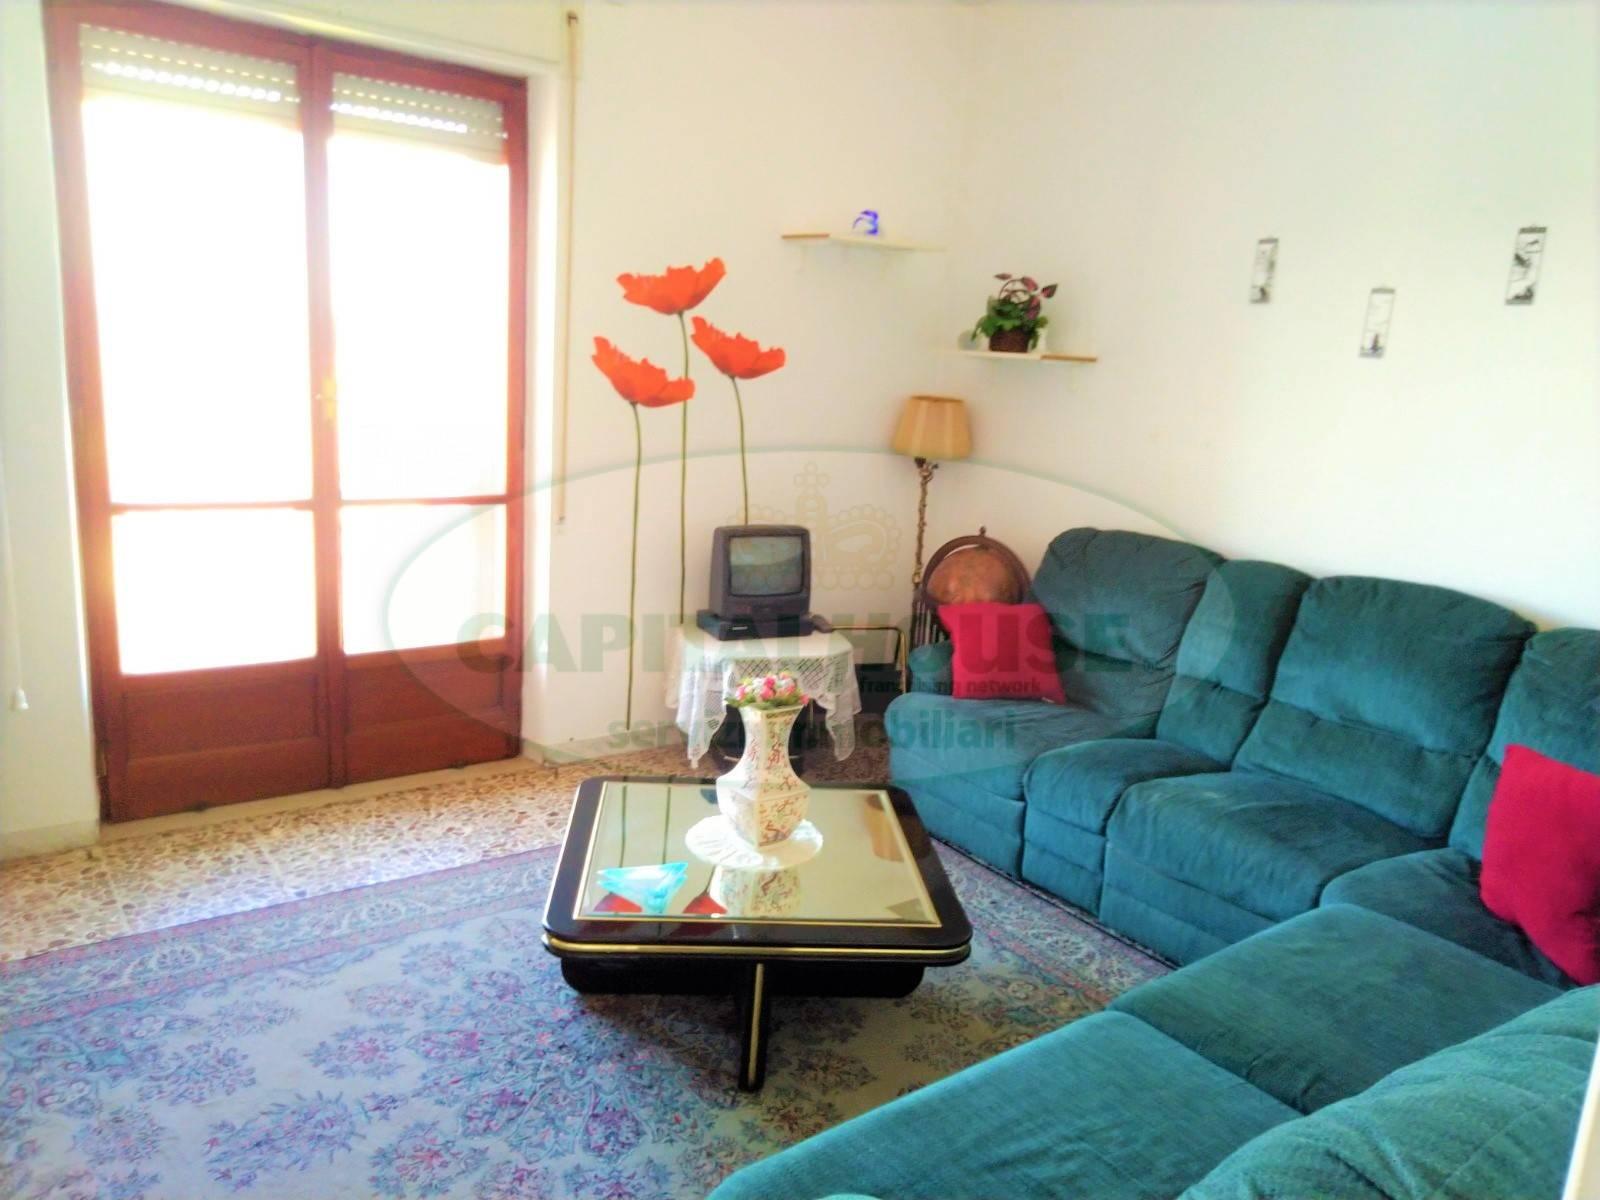 Appartamento in vendita a Nola, 2 locali, prezzo € 75.000 | CambioCasa.it